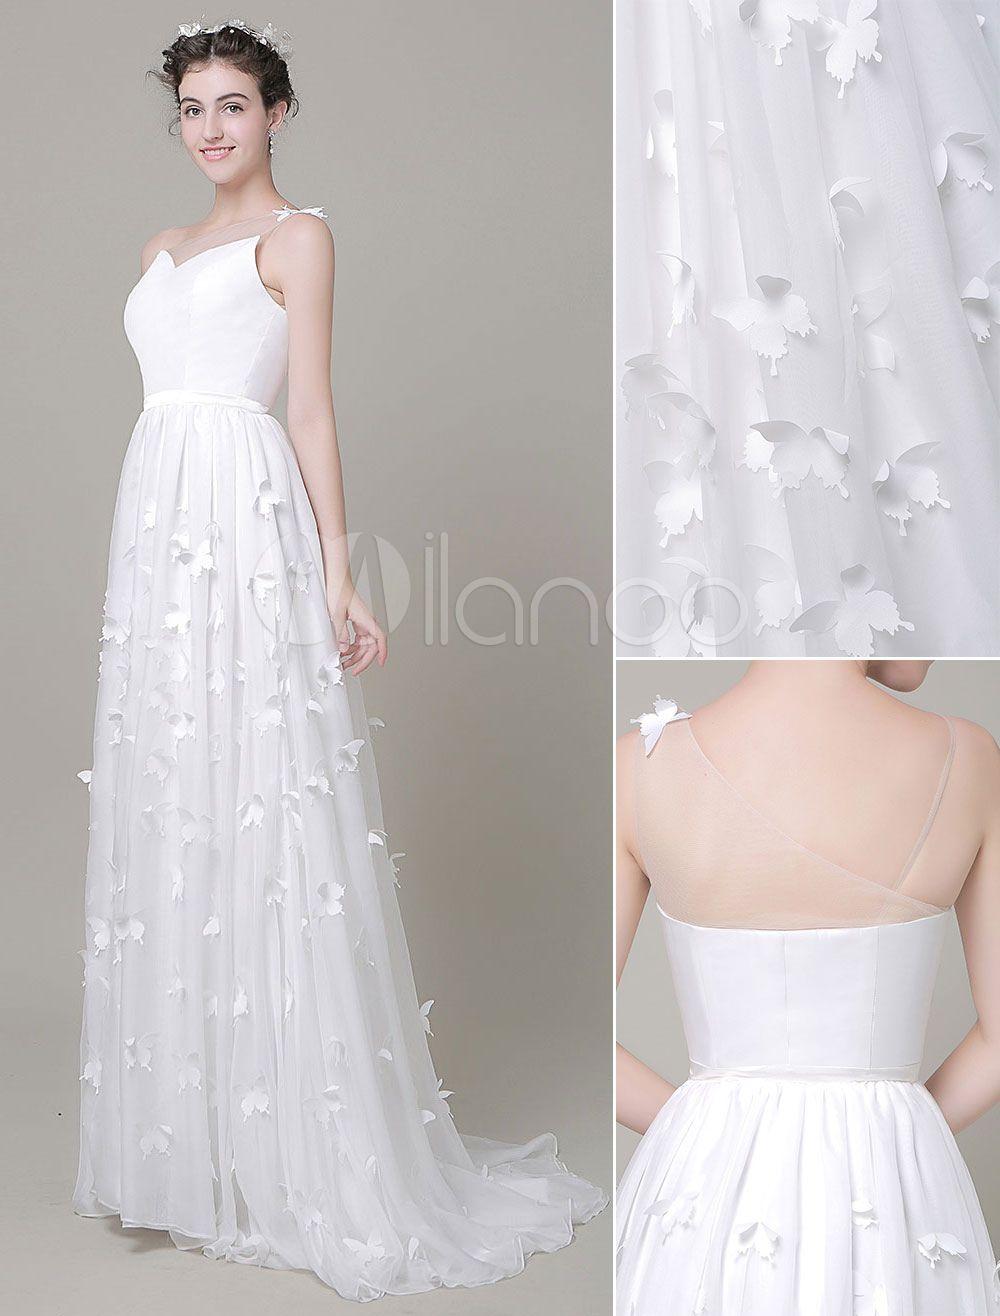 Robe de mariée ivoire exquise A-ligne avec noeud cou translucide